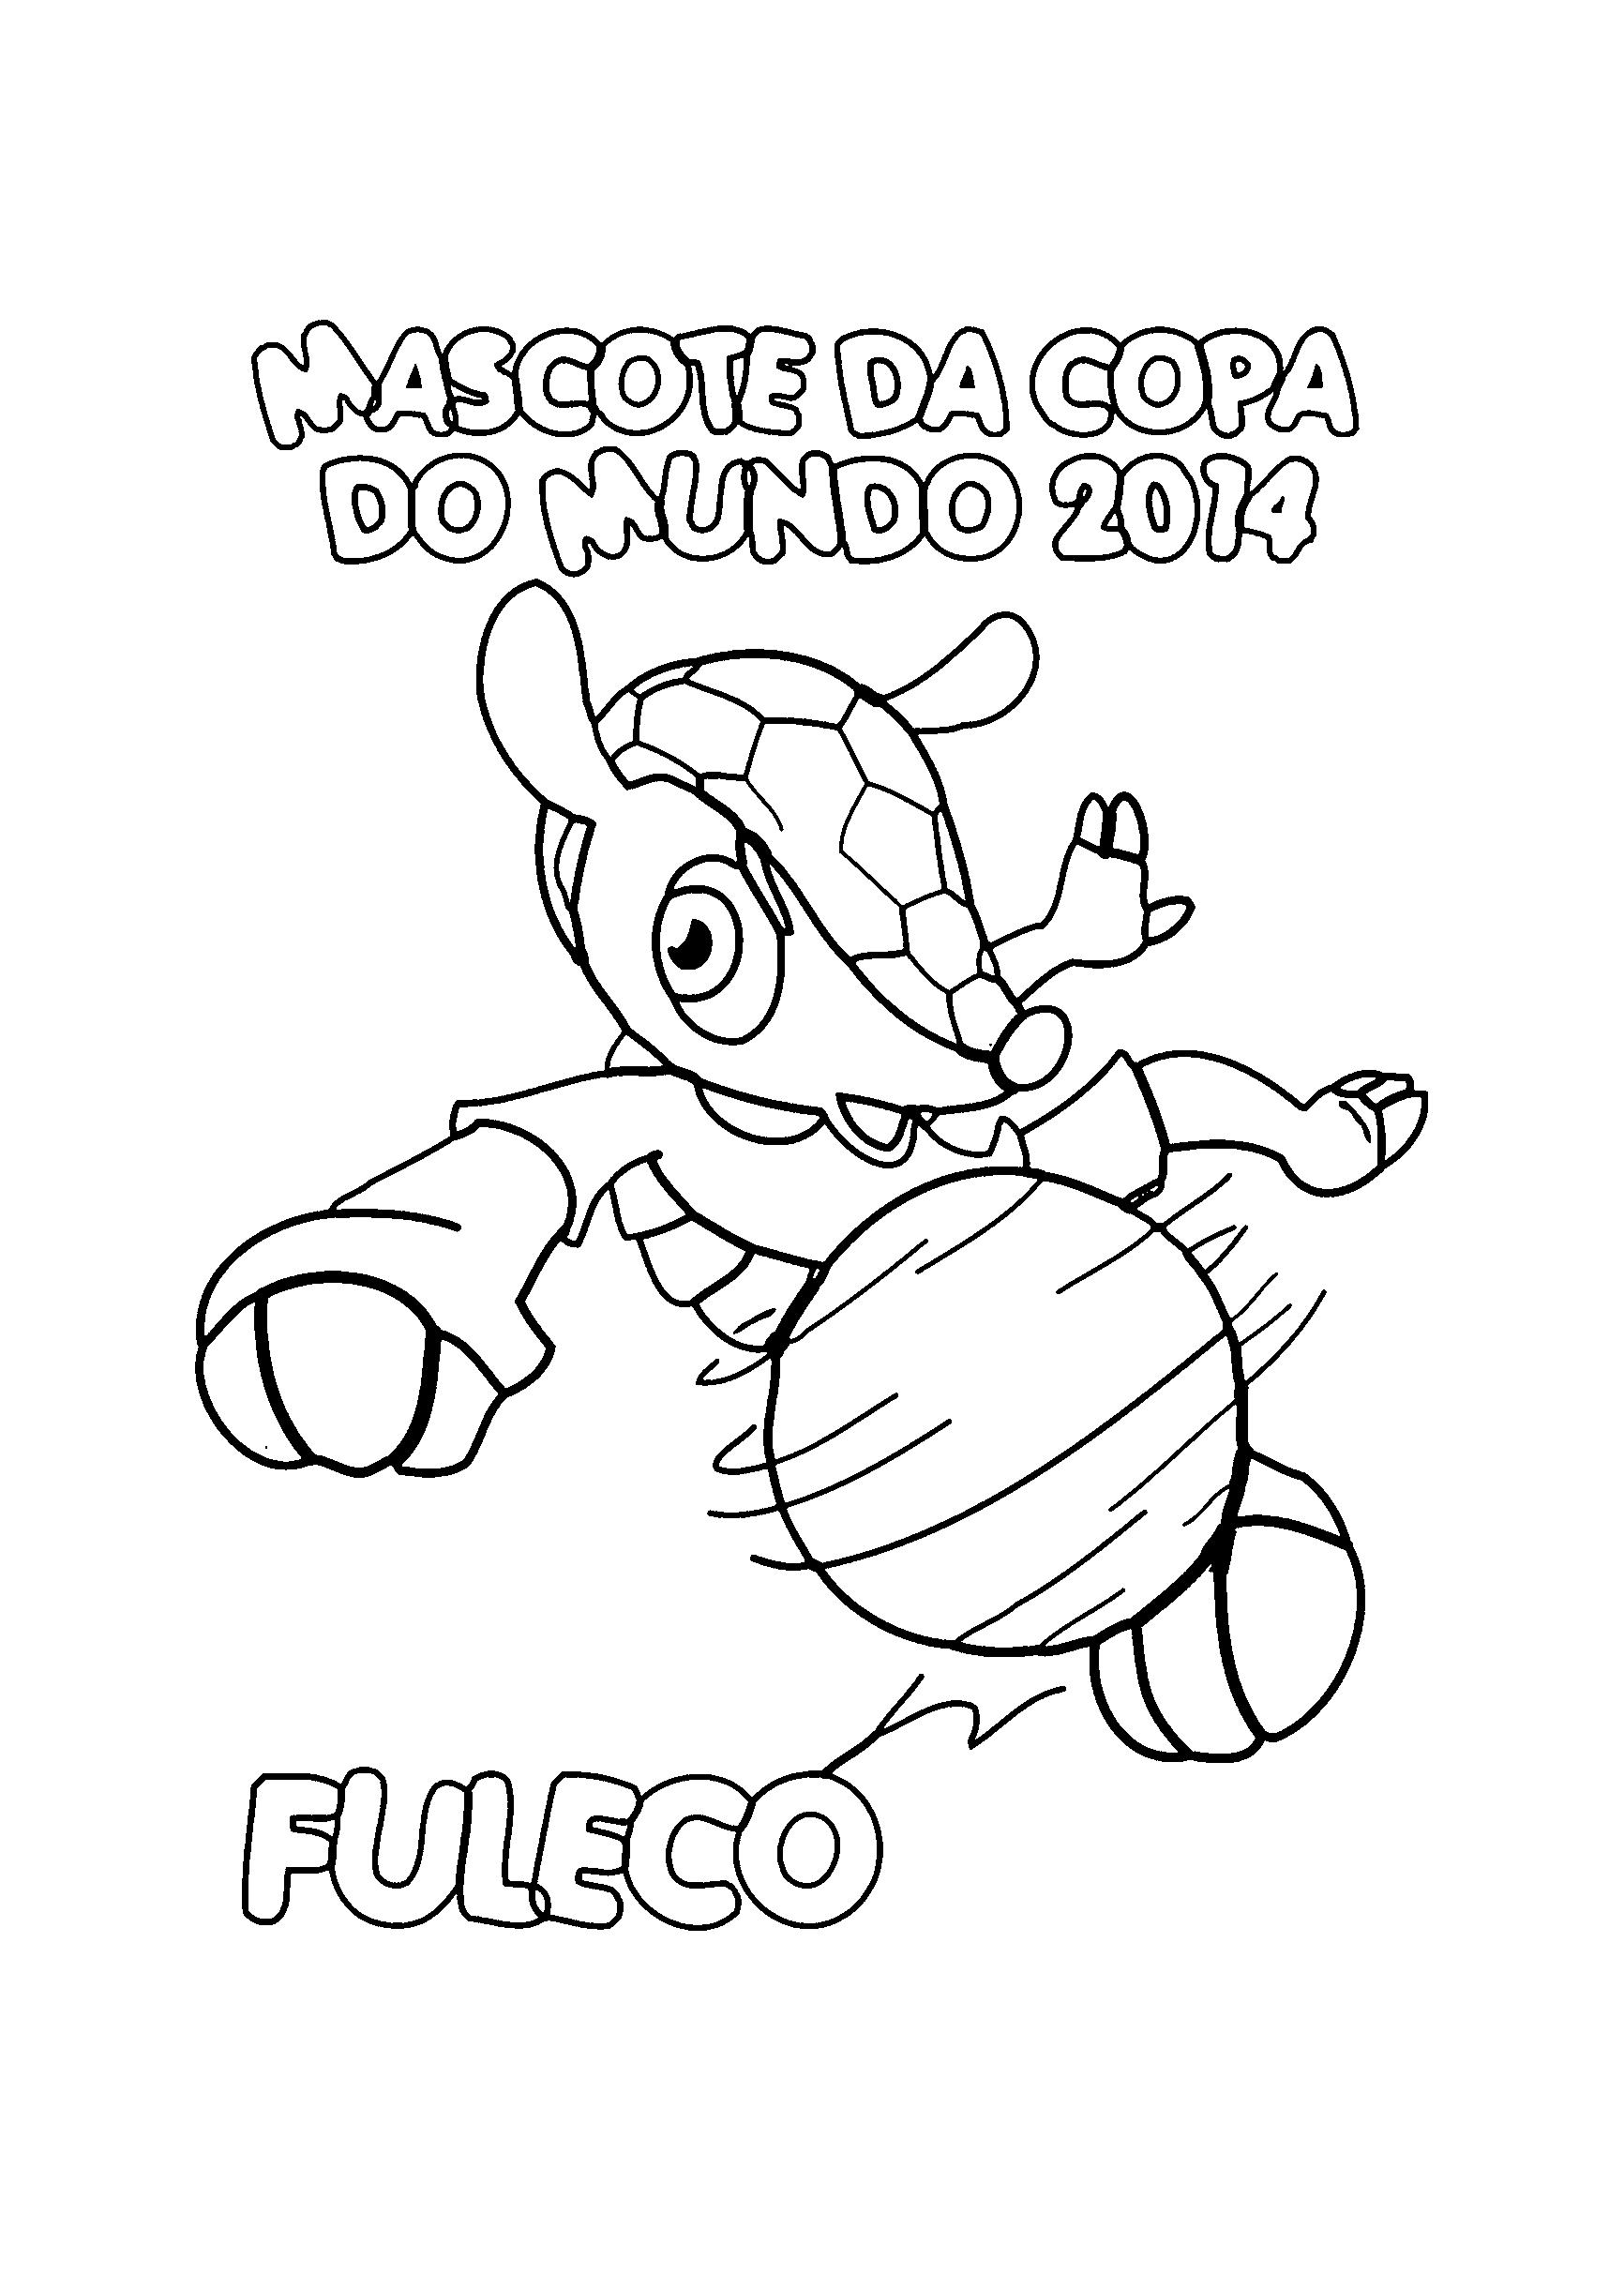 Top Urubu Mascote Flamengo Tattoo Tattoos In Lists For Pinterest